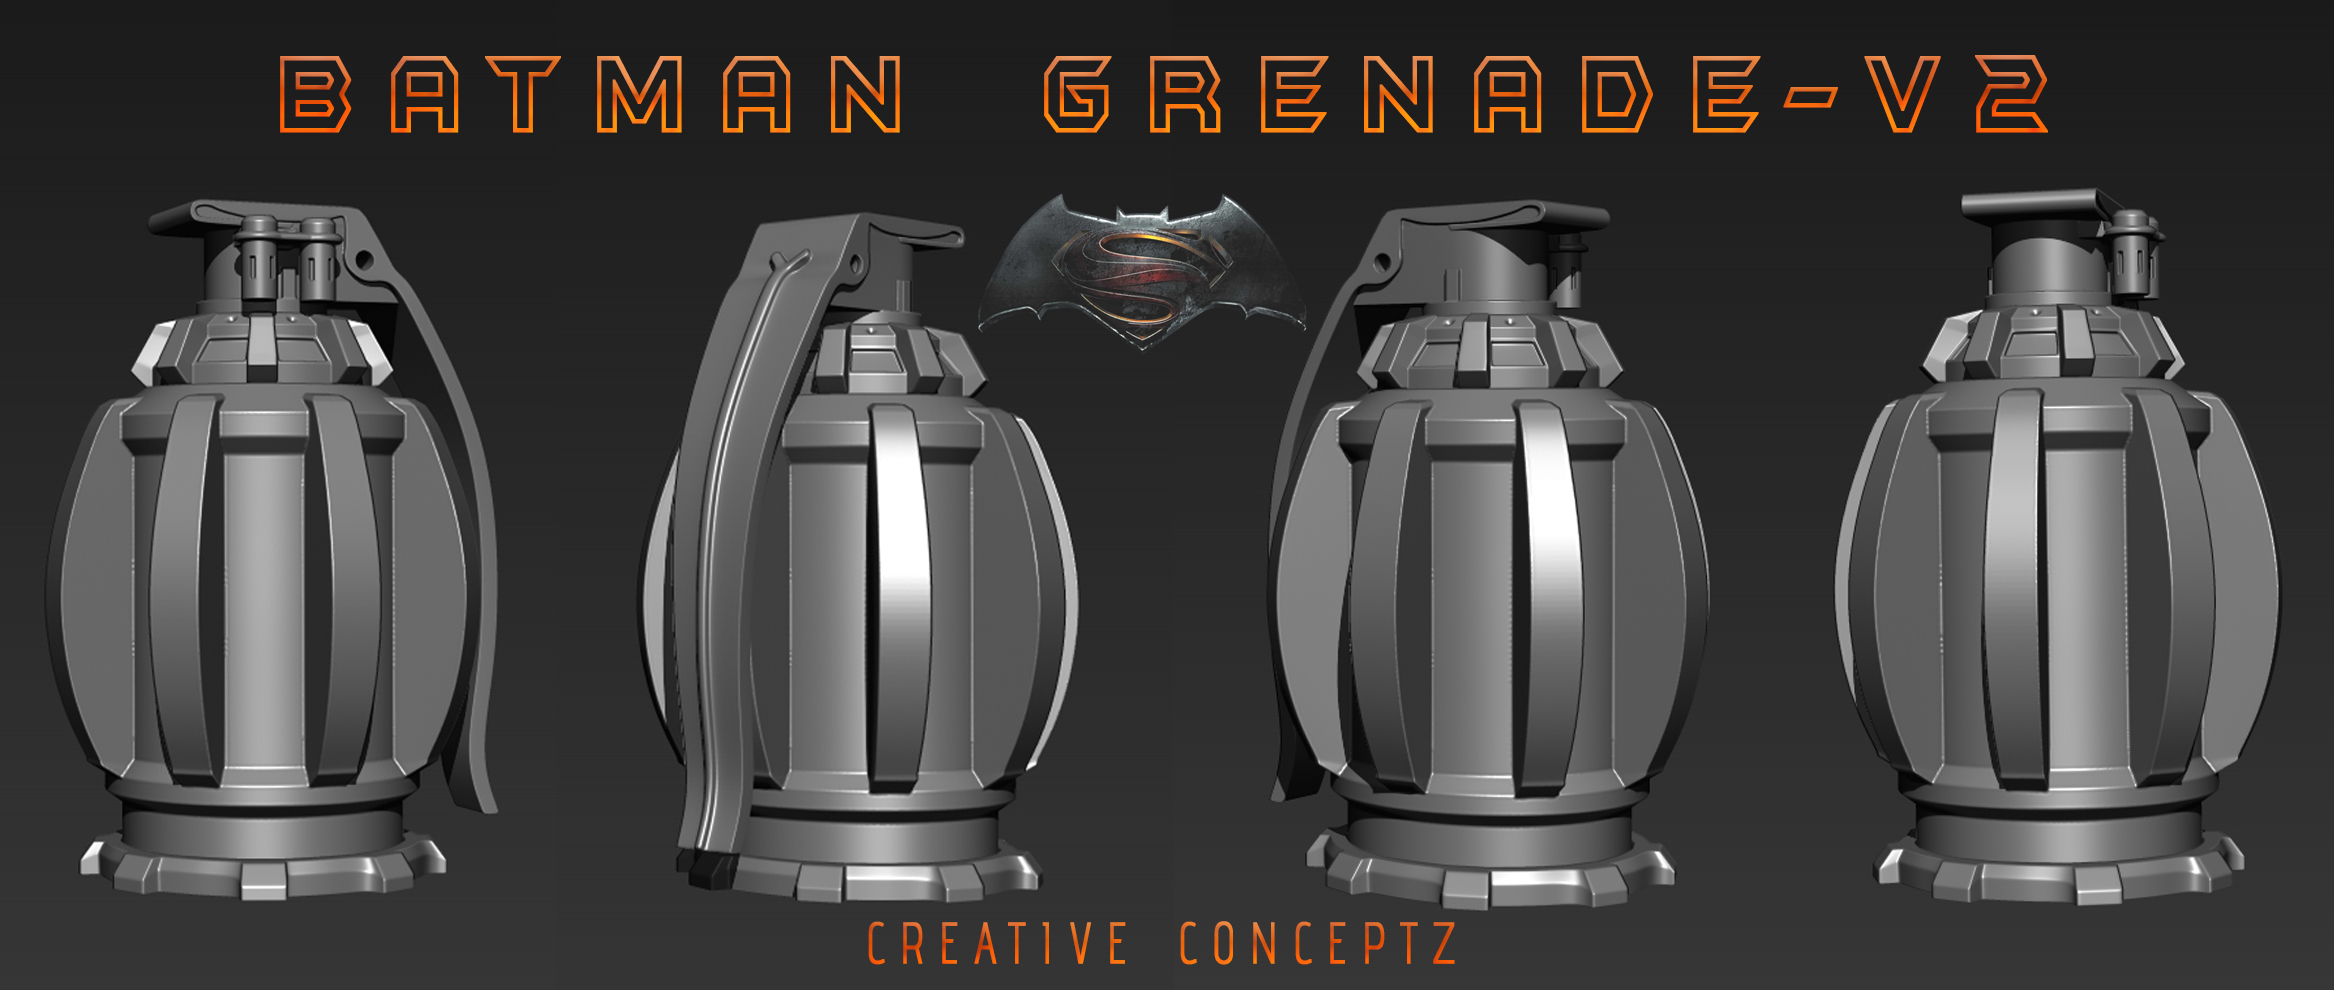 batman_grenade_v2.jpg